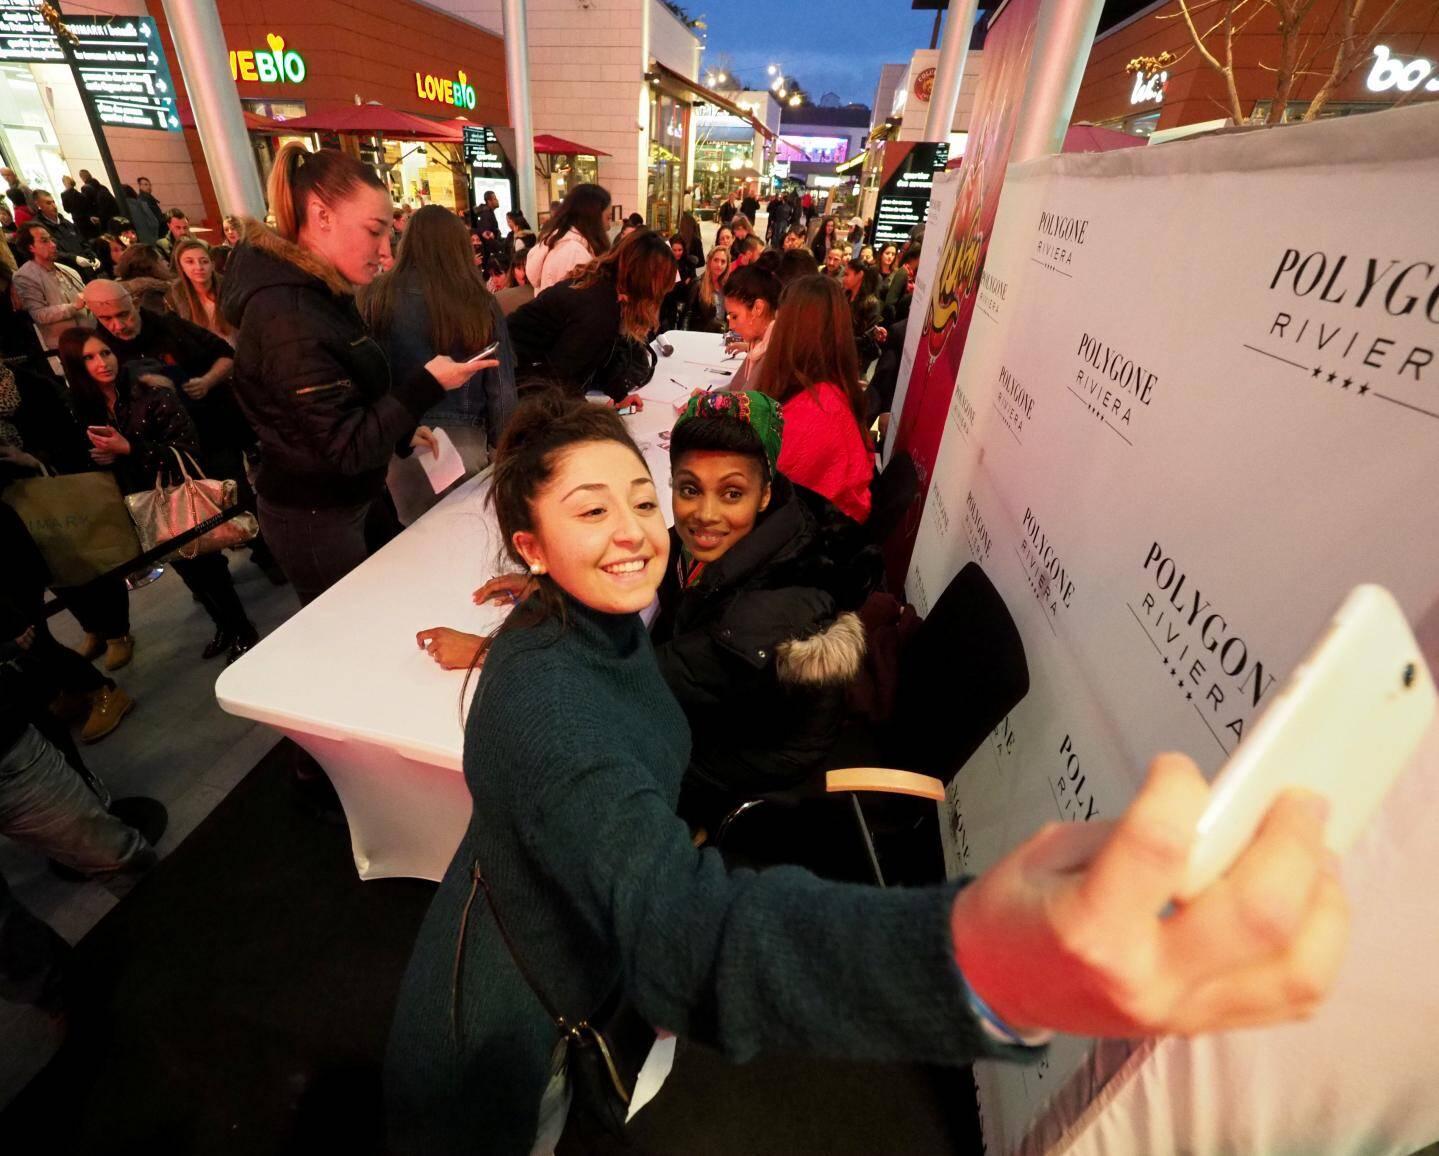 Séance de dédicaces et de selfies. Les artistes ont joué le jeu avec un beau sourire.